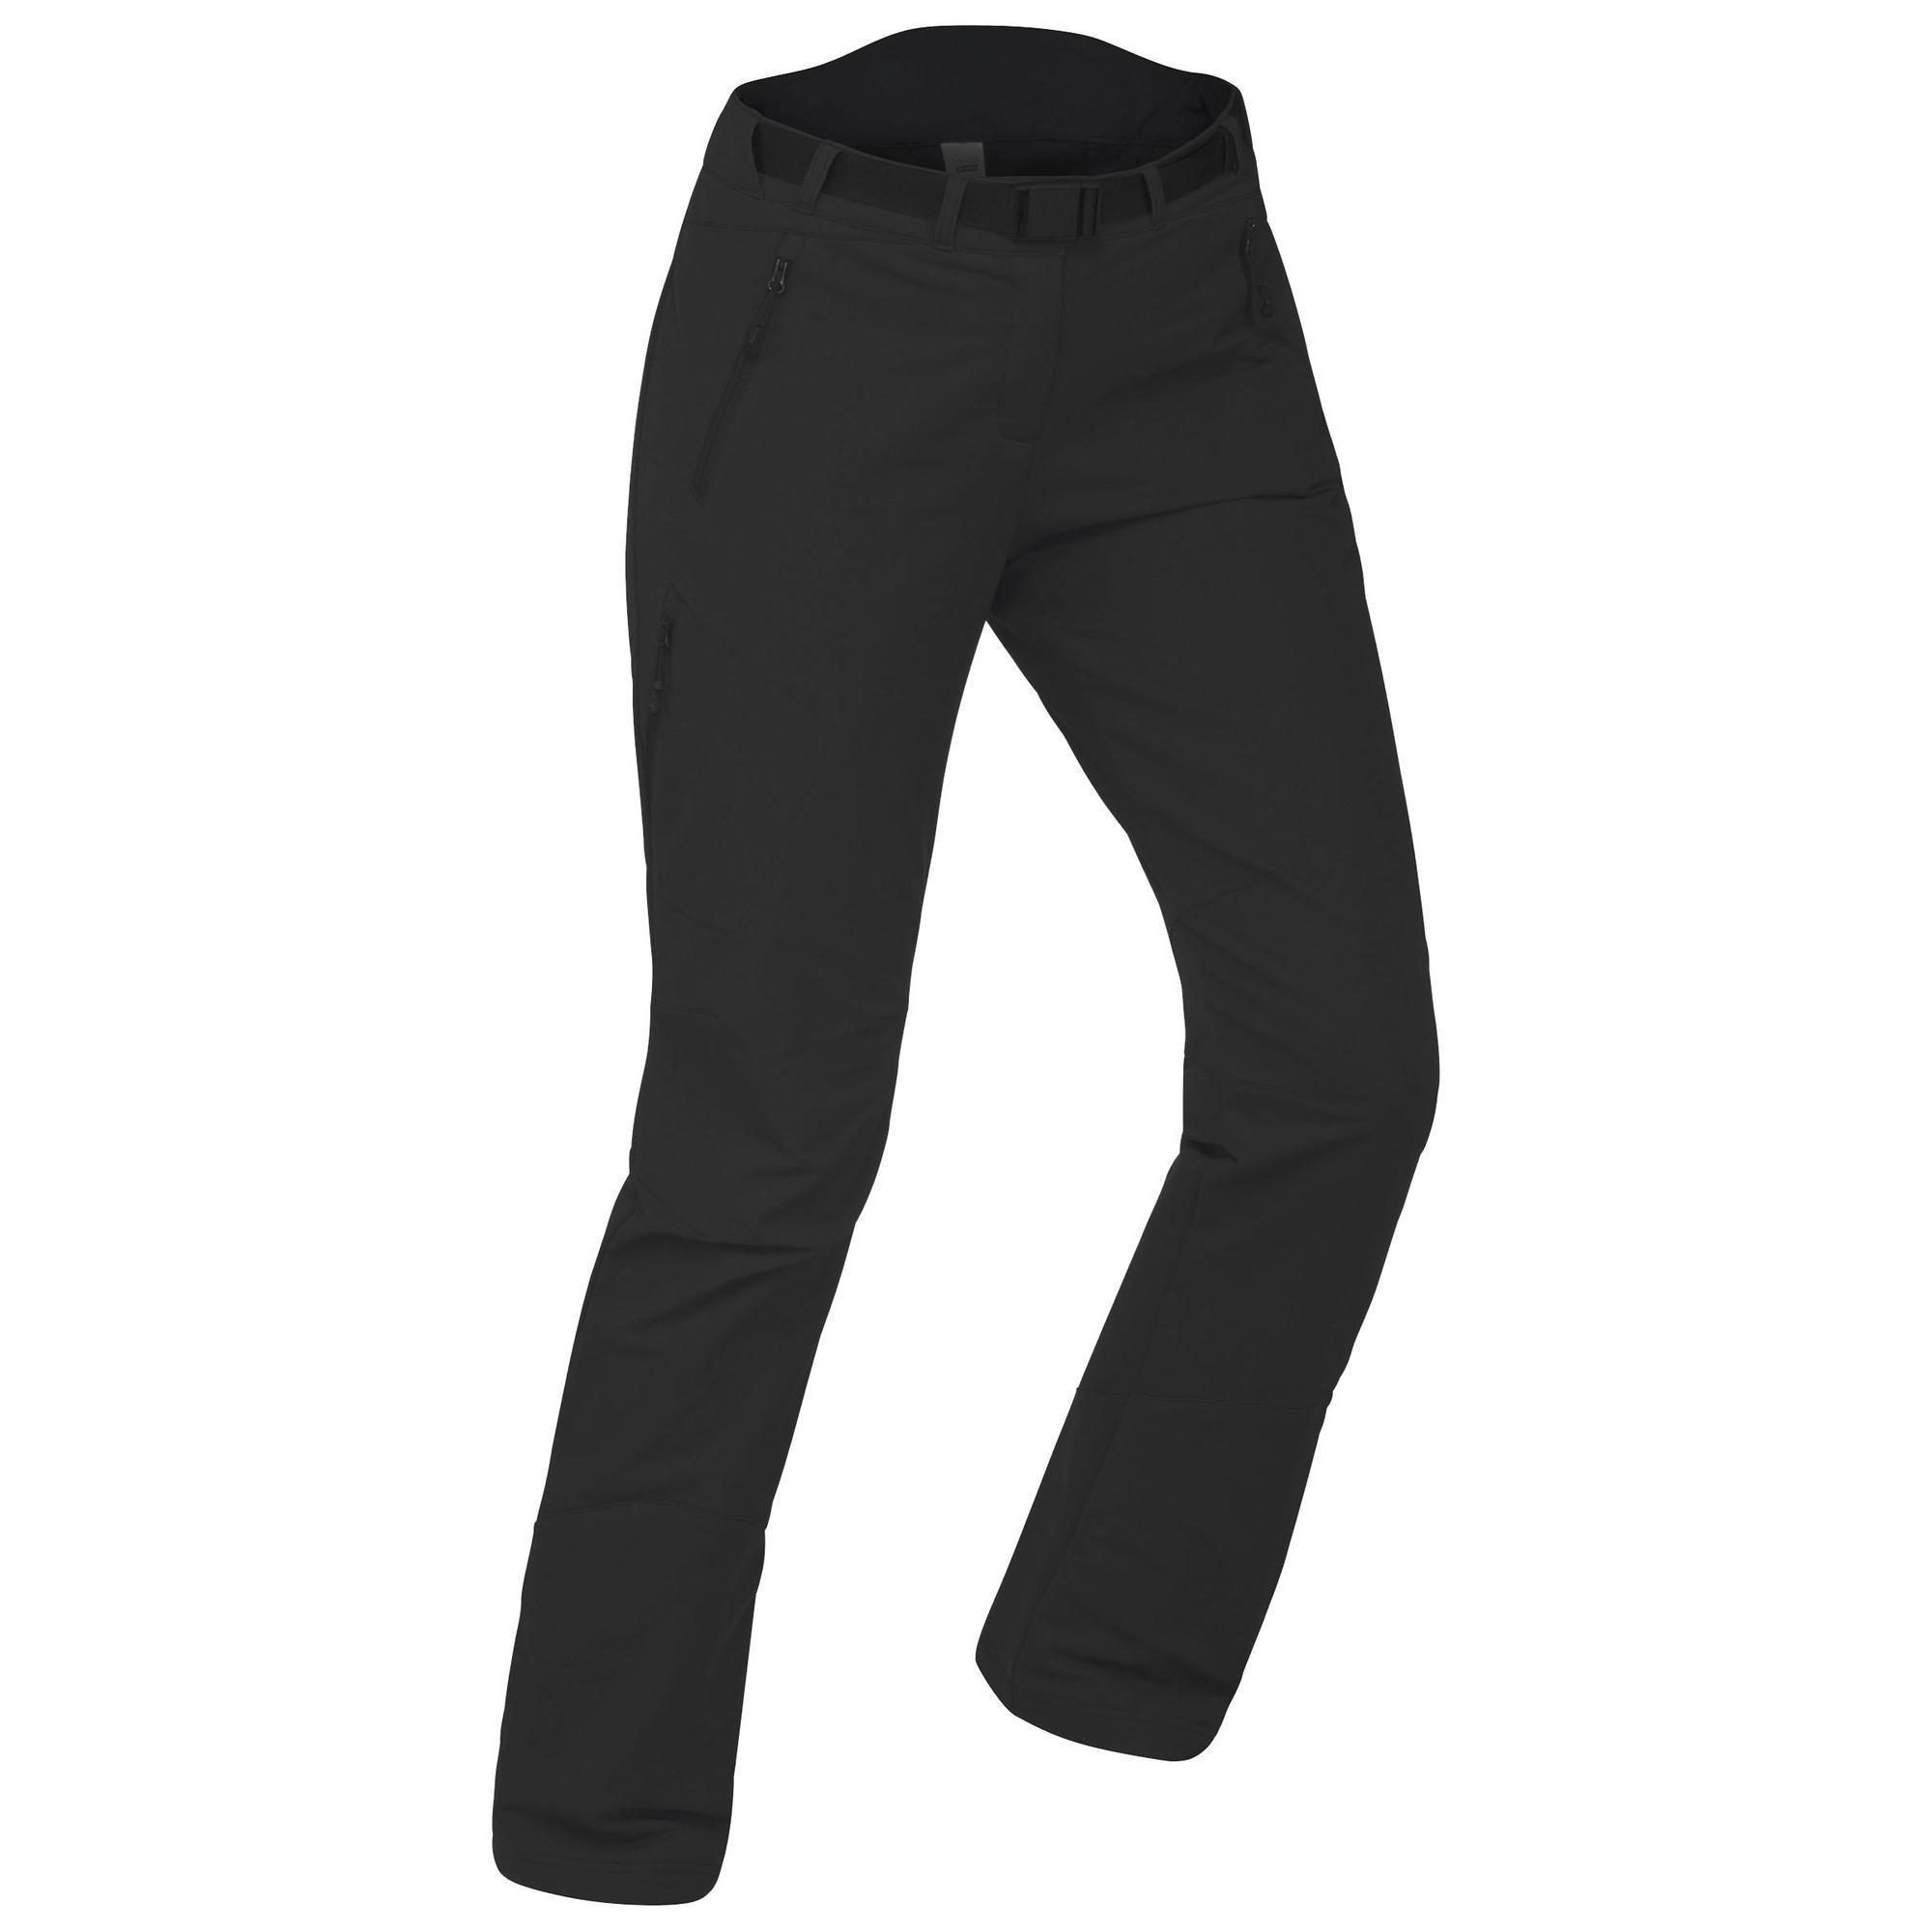 Softshellhose Winterwandern SH500 Extra-Warm Damen schwarz | Sportbekleidung > Sporthosen > Softshellhosen | Quechua